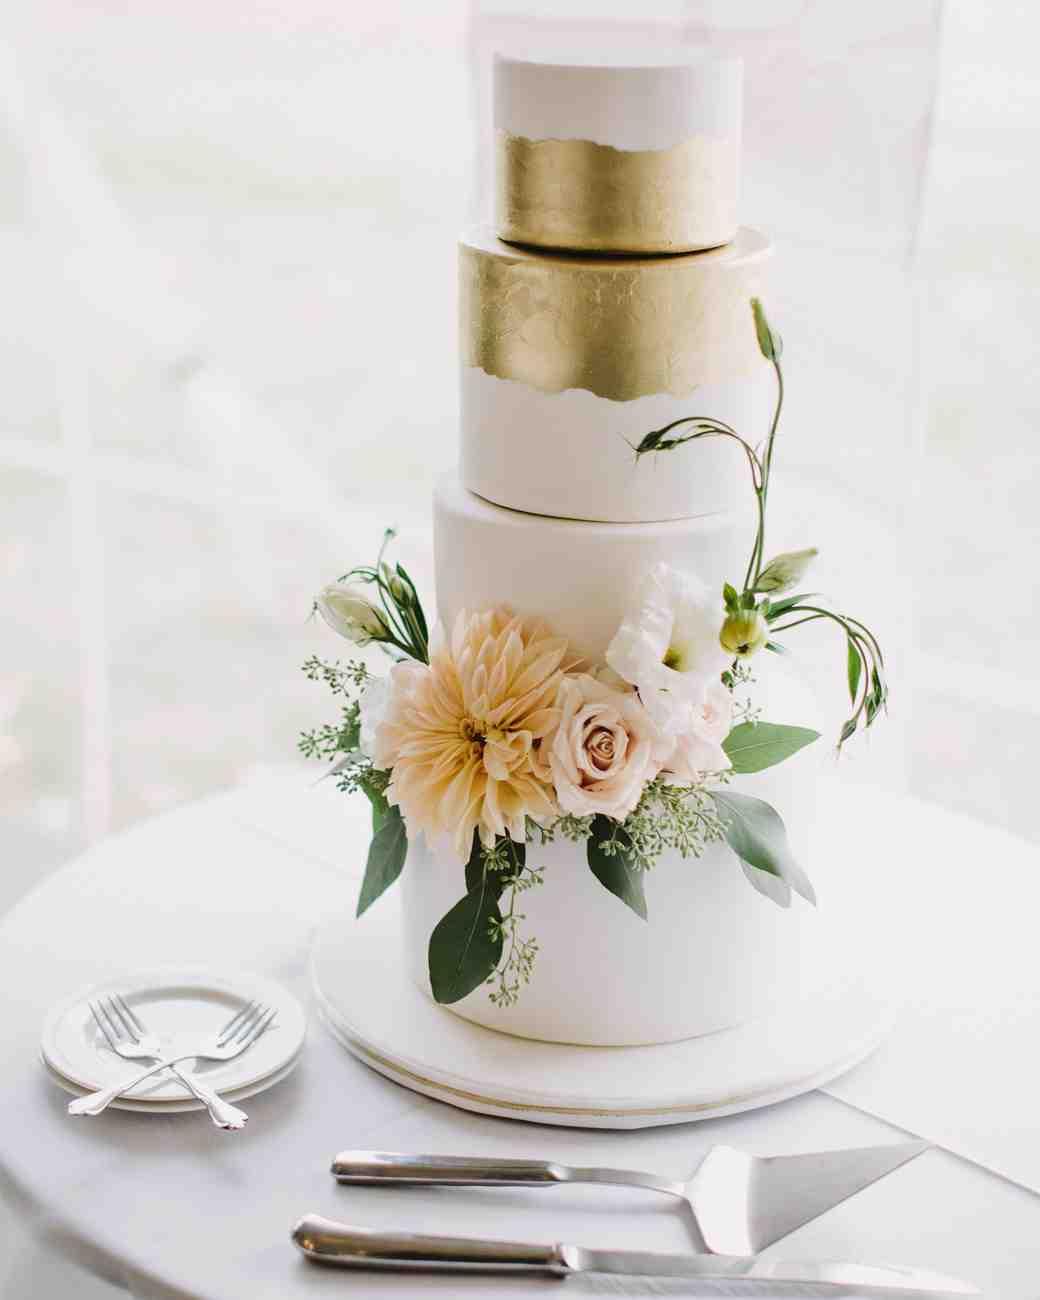 kristen-steve-wedding-cake-019-s113058-0616_vert